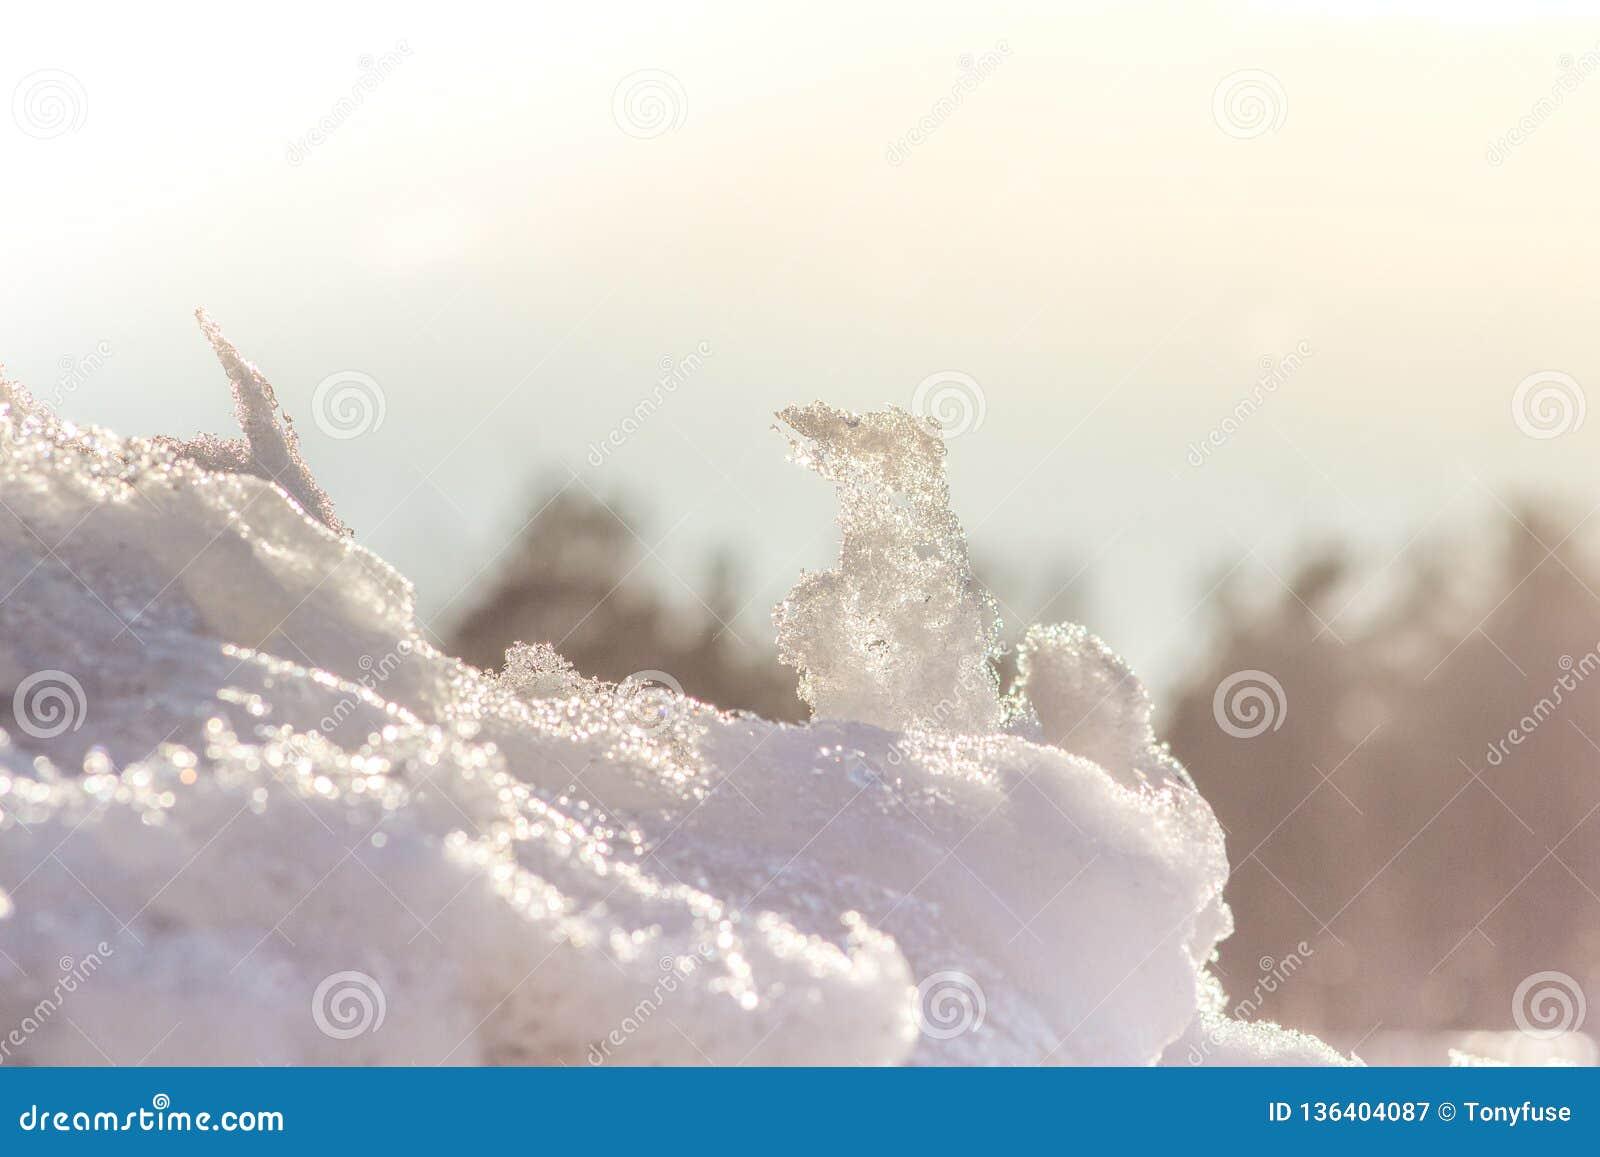 Όμορφο υπόβαθρο των χιονωδών ακτίνων ήλιων λόφων την άνοιξη